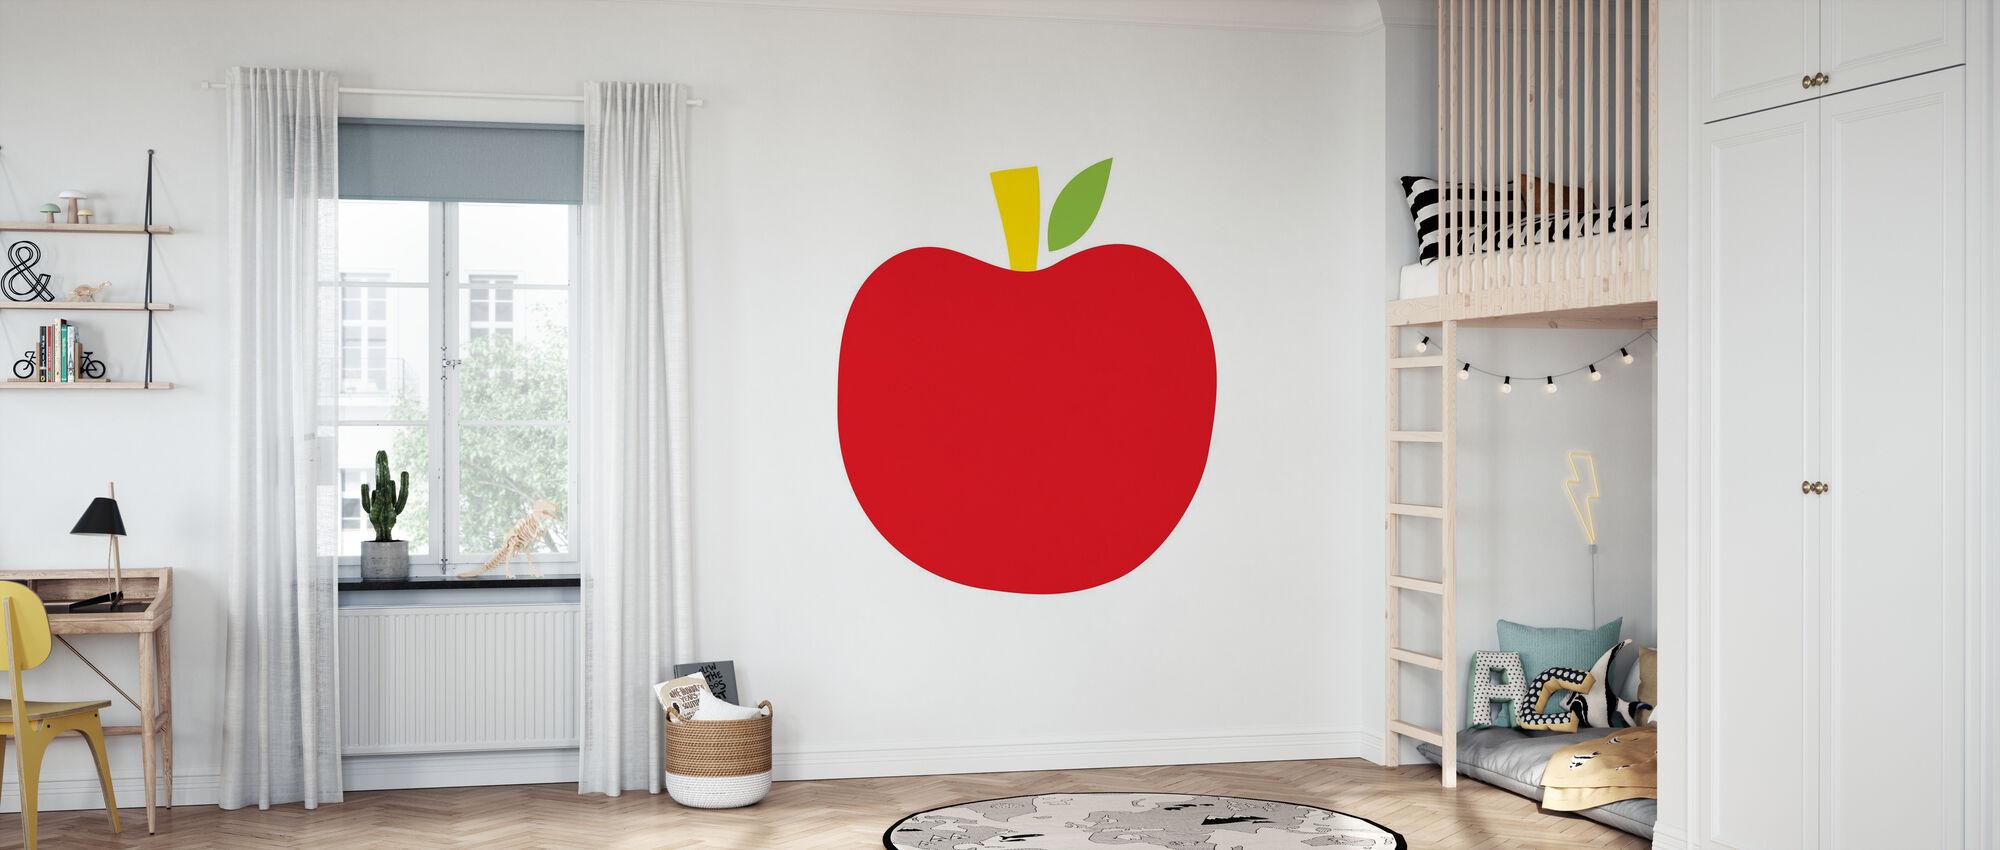 Rode Appel - Behang - Kinderkamer